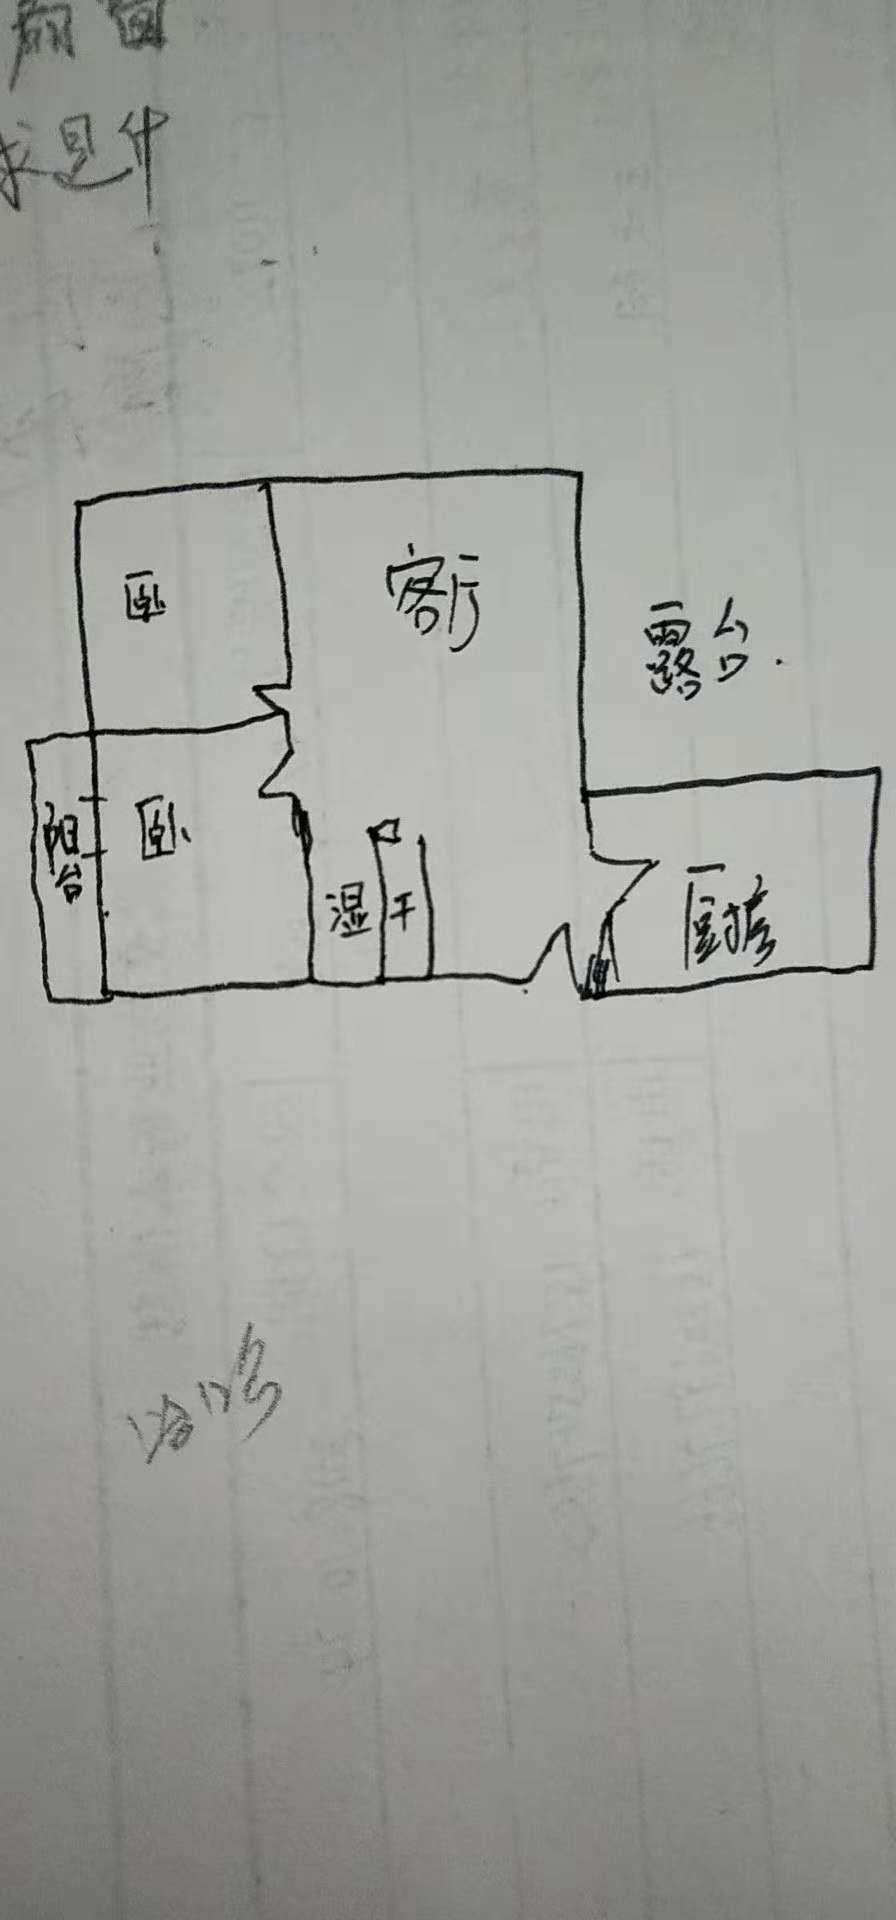 区建委宿舍 2室1厅 2楼